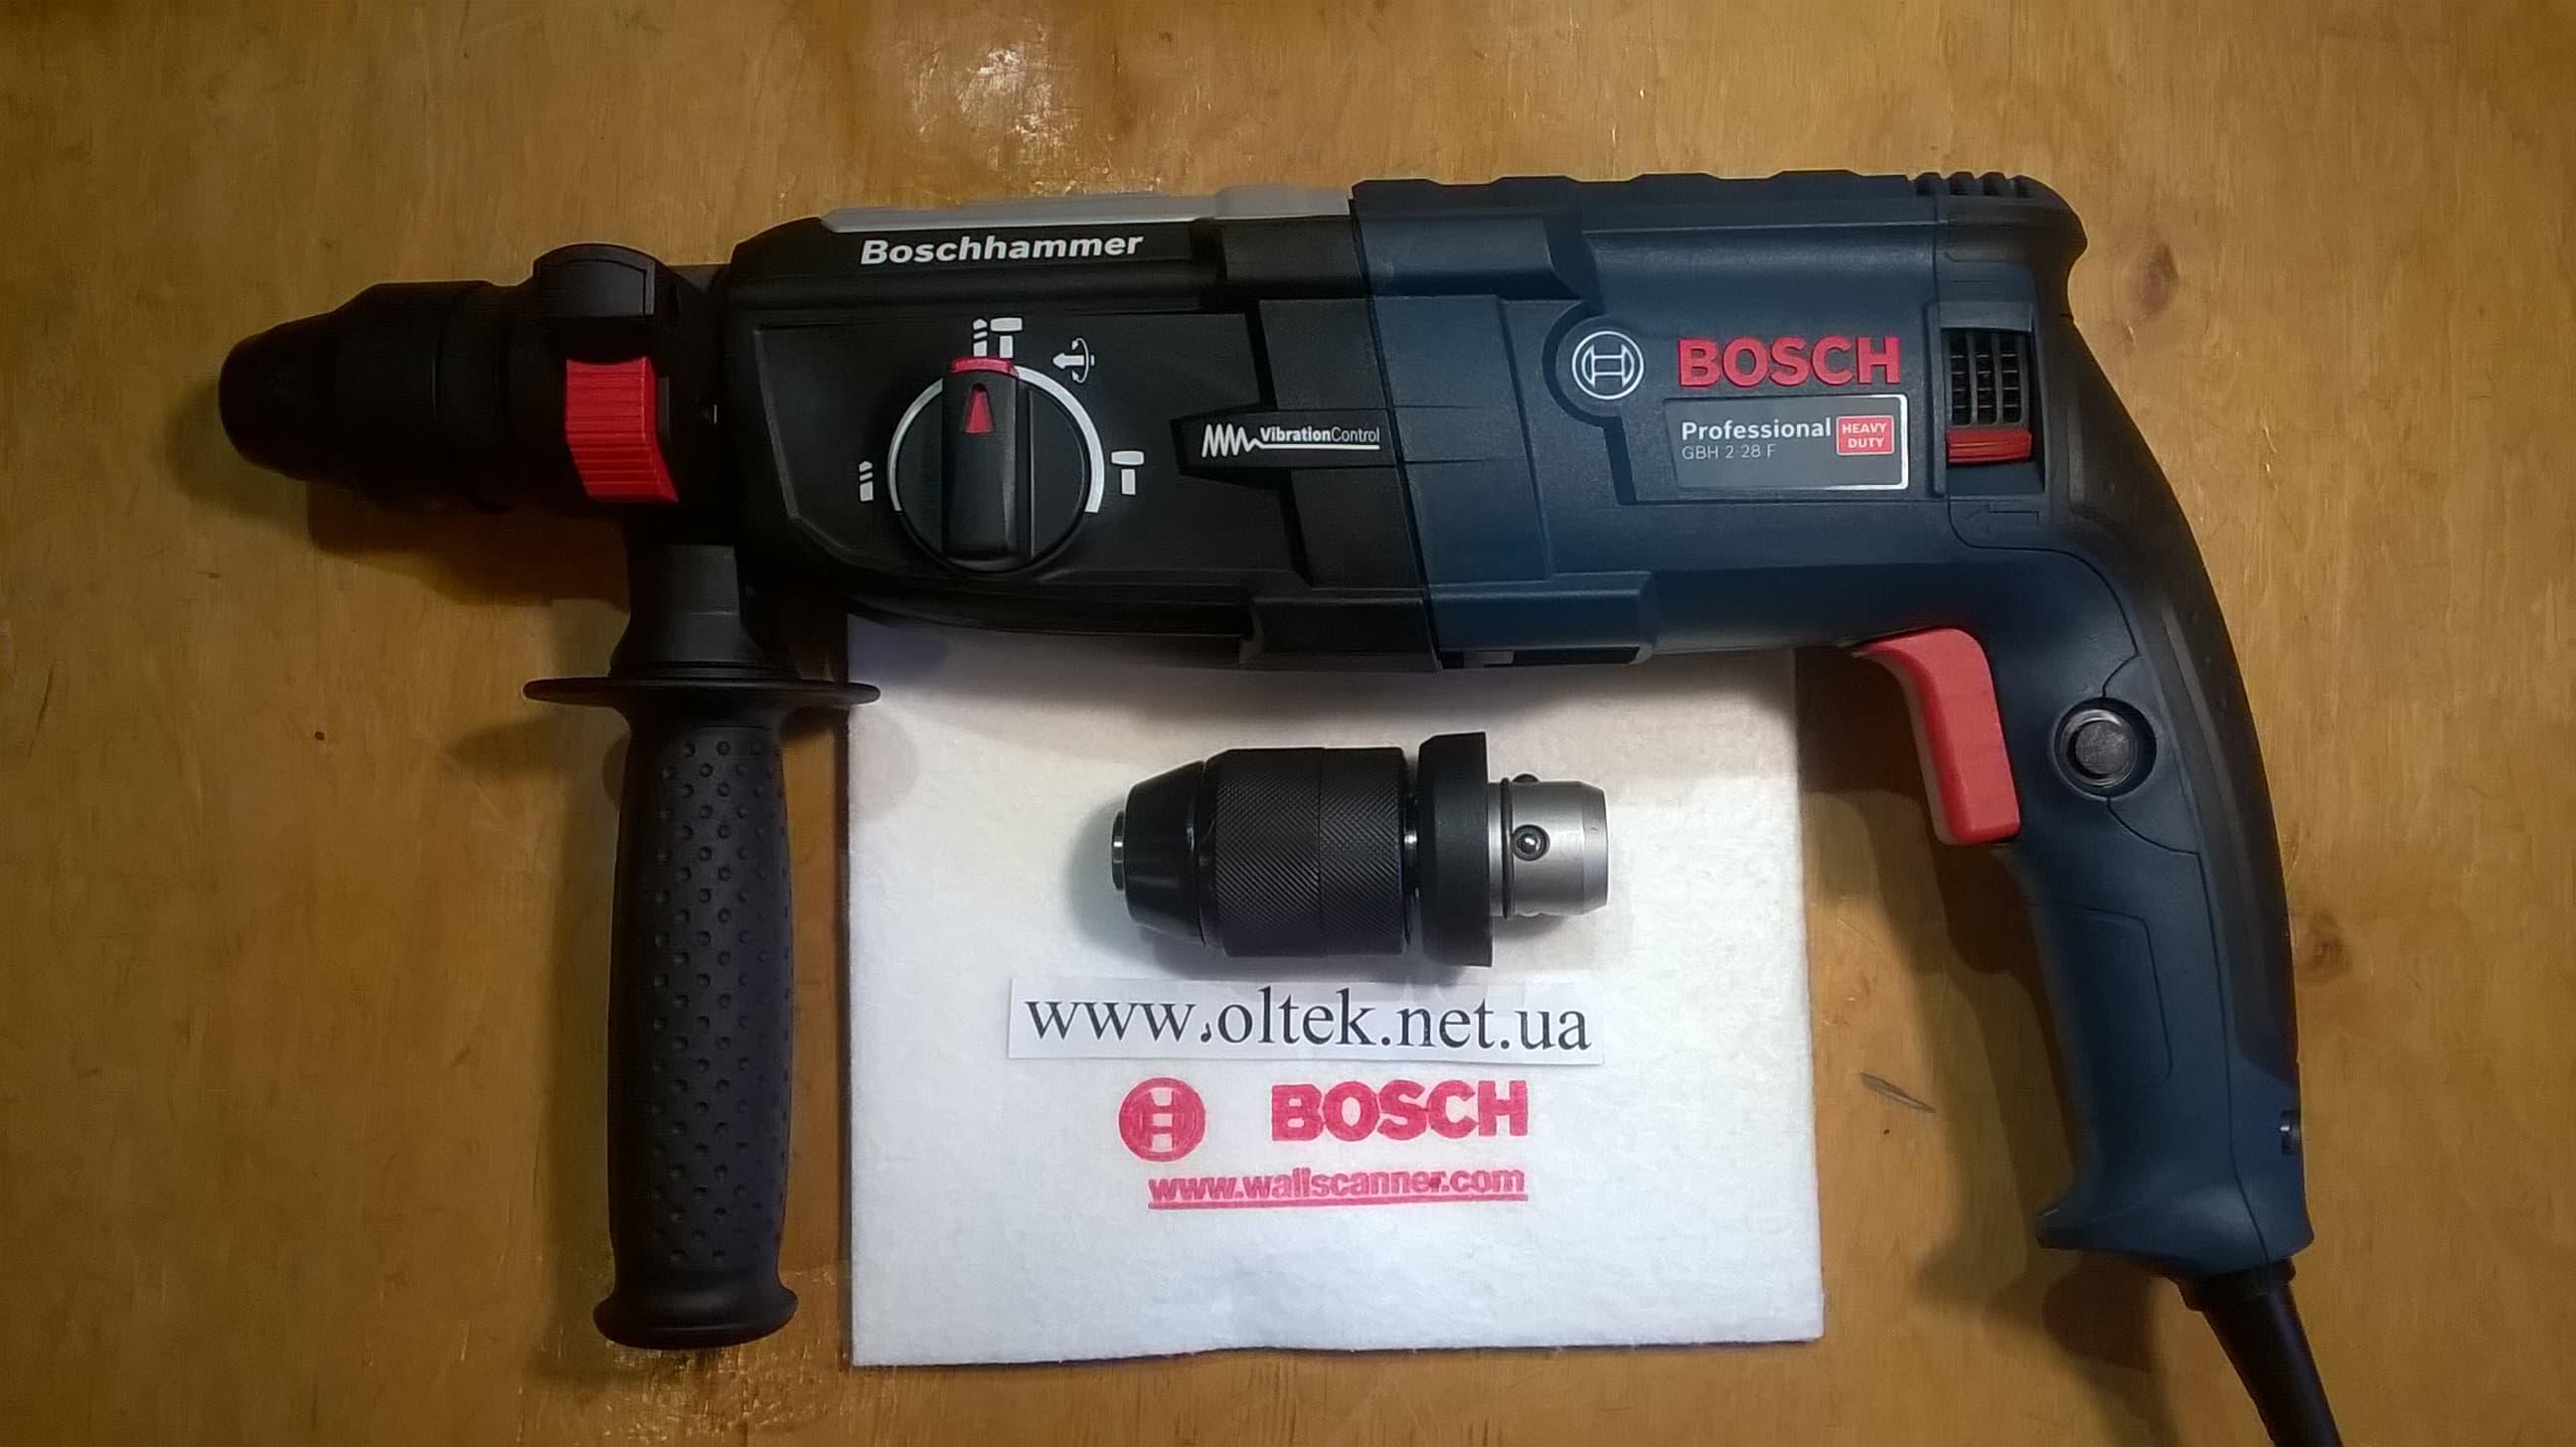 bosch-2-28f-oltek-net-ua